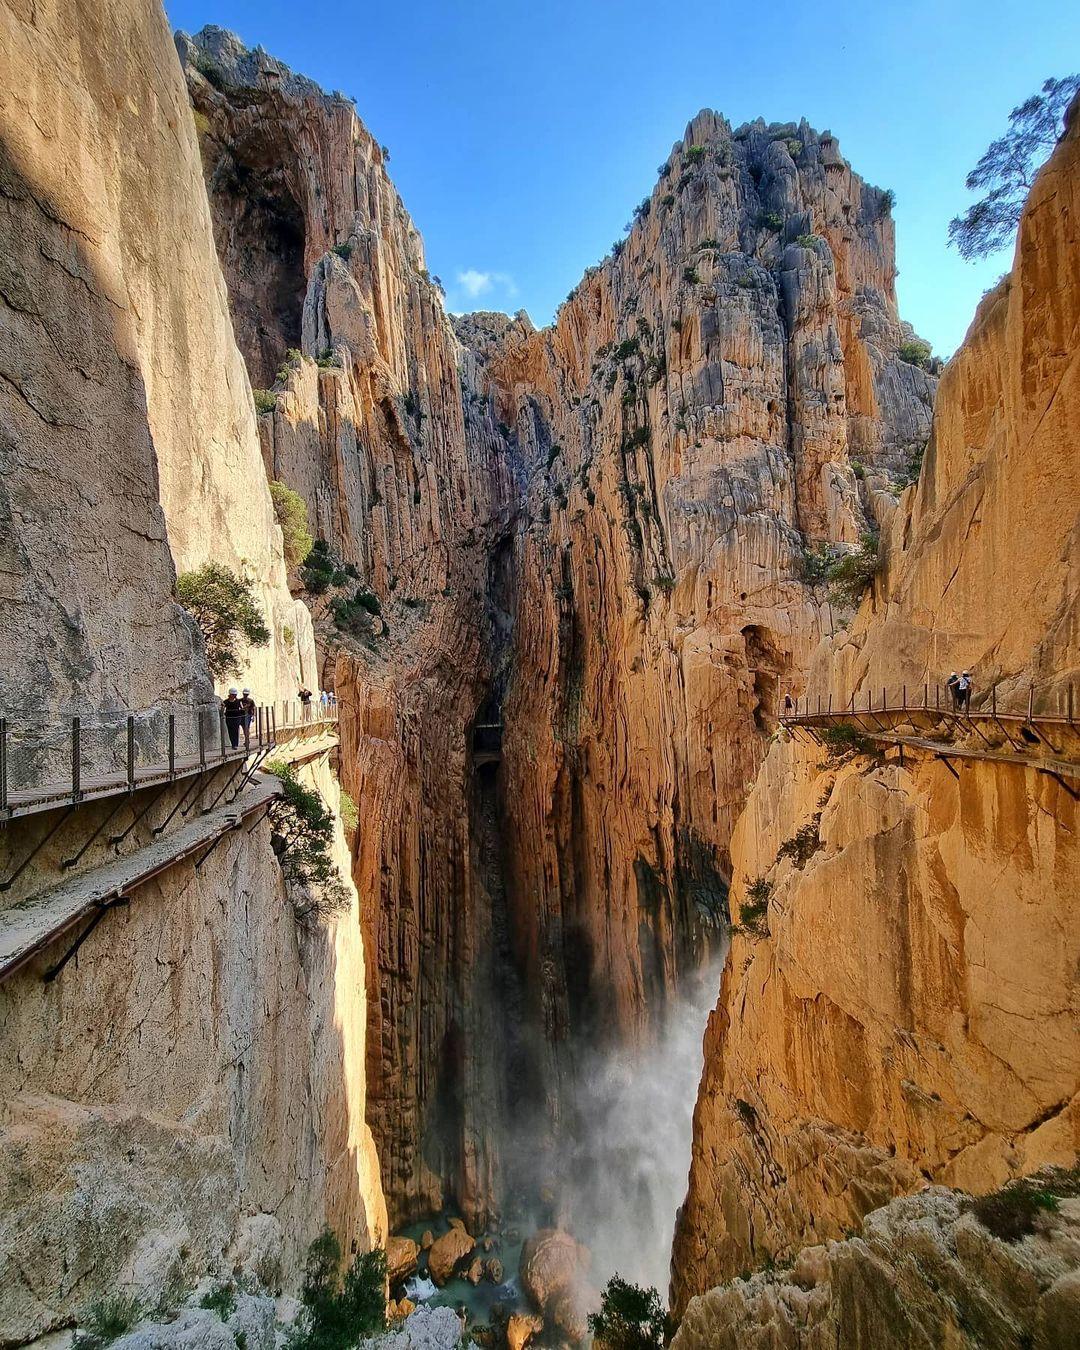 Hẻm núi sâu khiến nhiều người thót tim khi đi qua El Caminito del Rey. Ảnh: angeles.cuenca.lpa/ Instagram